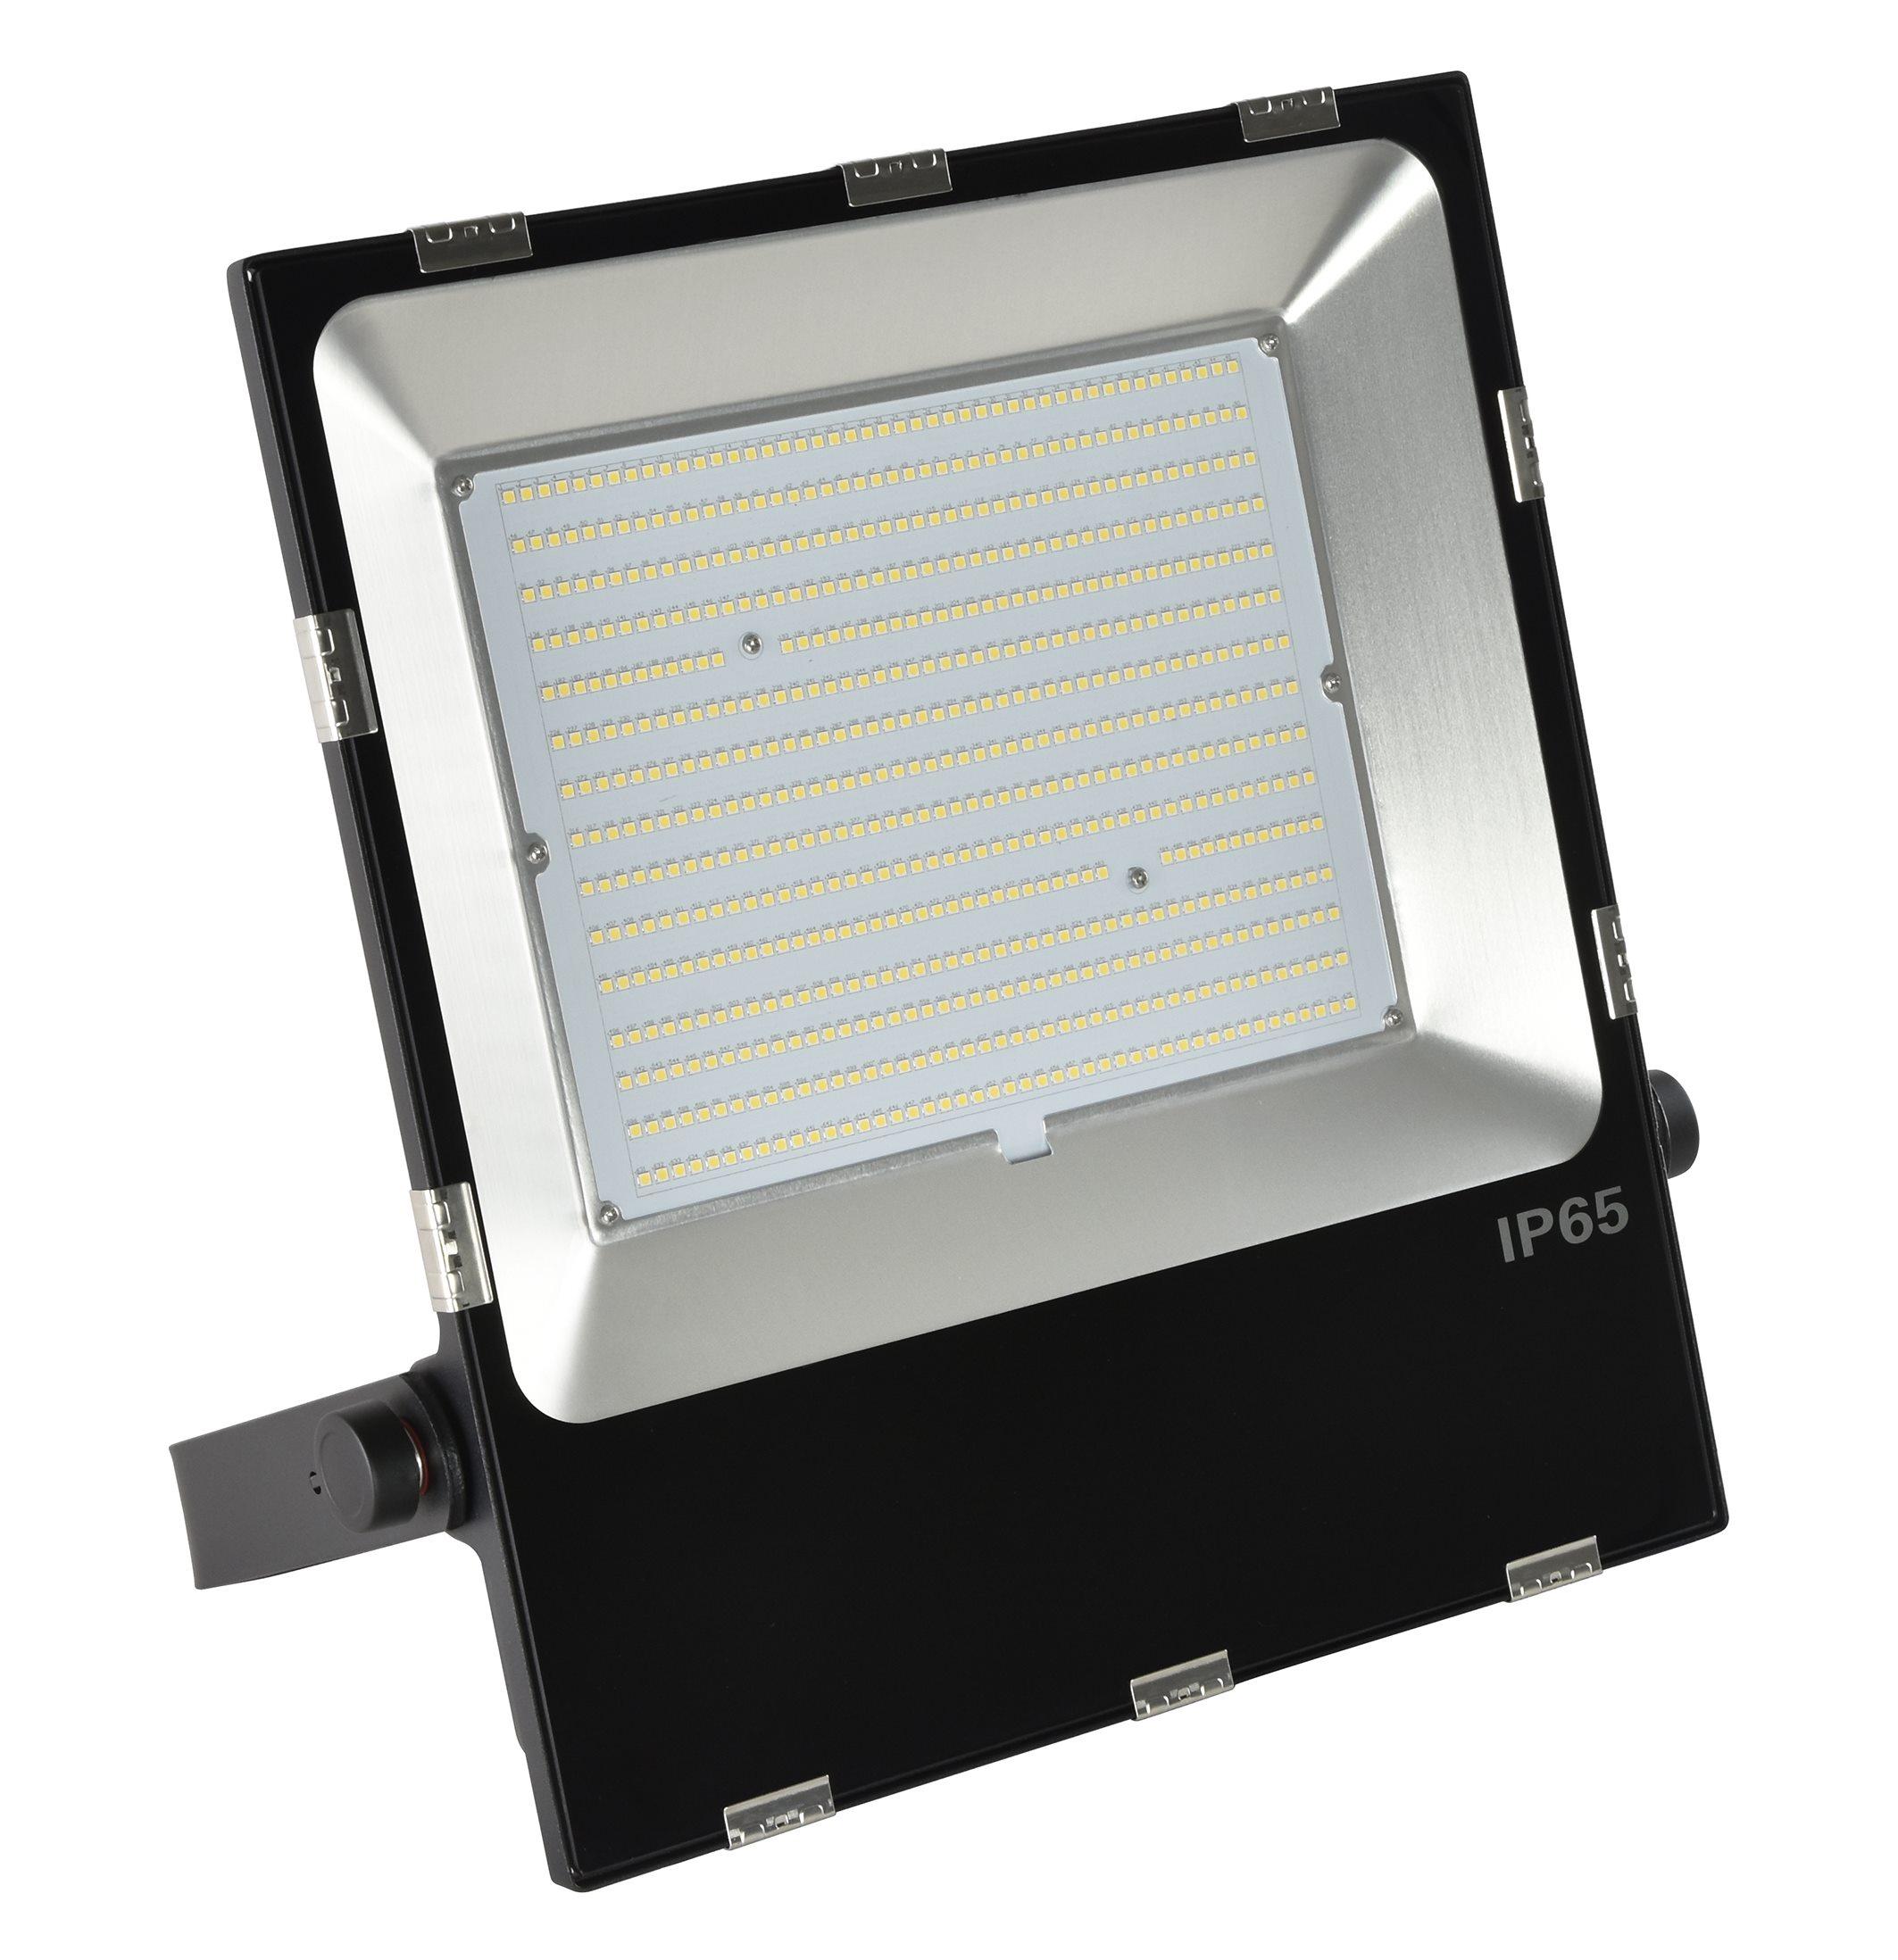 Energetic MarVelite Plus Weatherproof Led Floodlight Ip65 200W 4000K 27000Lm Black [272408]